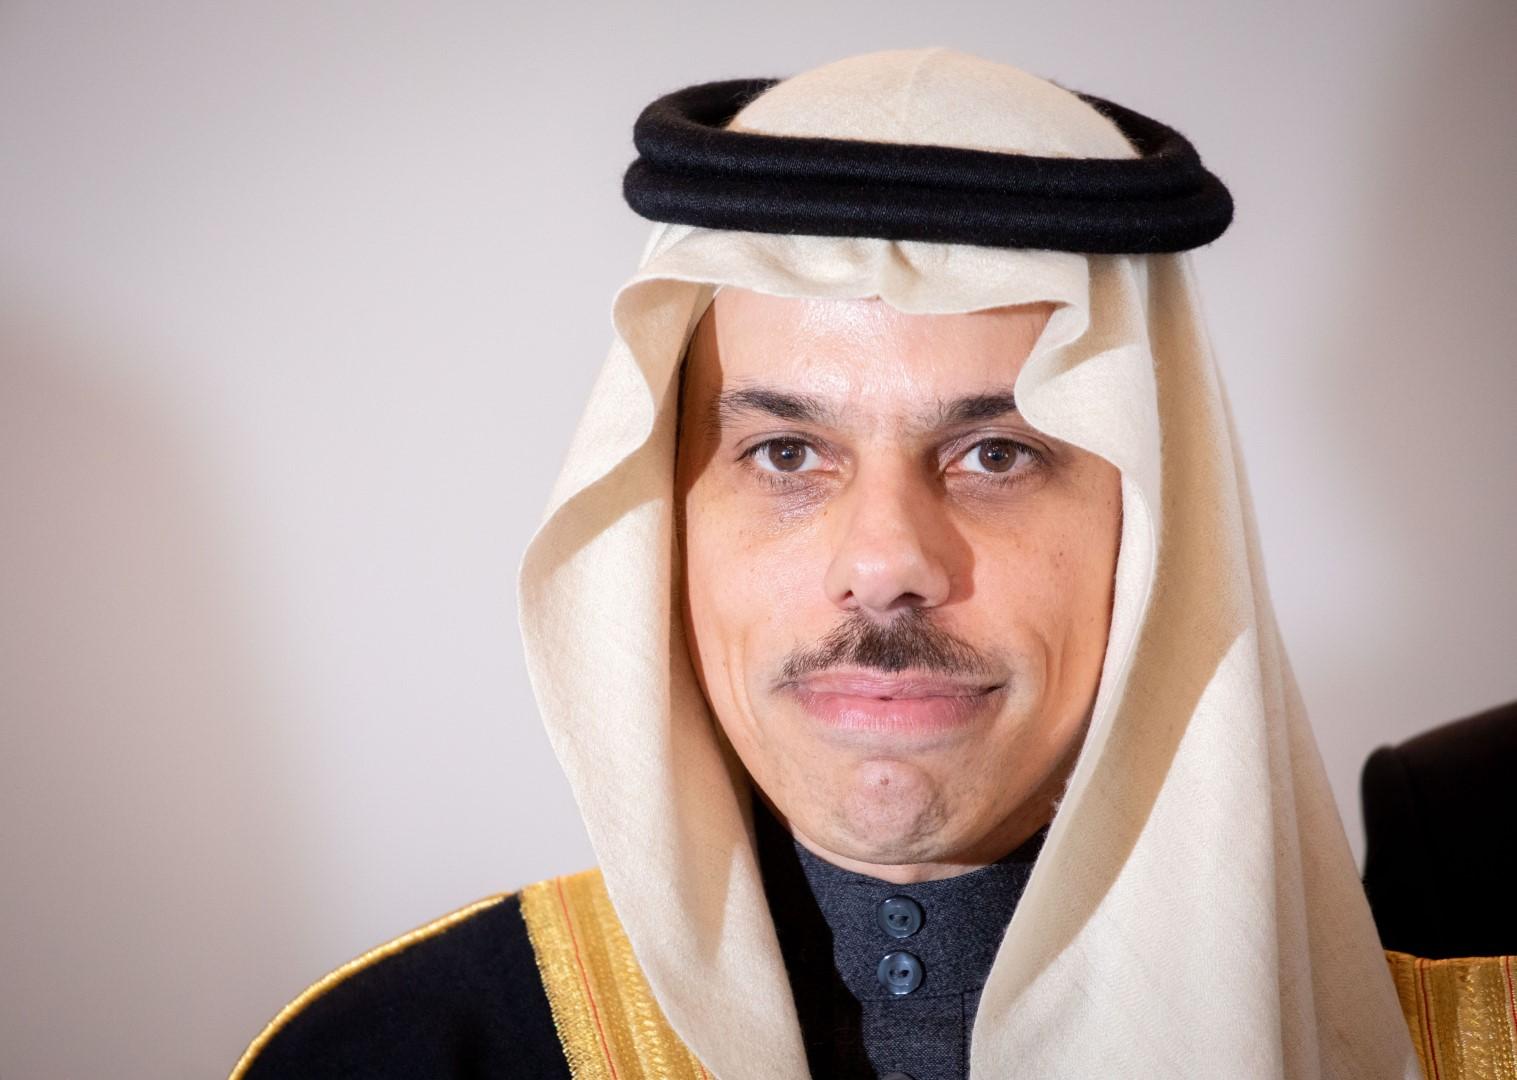 Faisal bin Farhan Al-Saud Saudi Arabia Foreign Minister: Saudi Arabia replaces foreign minister in government reshuffle - Arabianbusiness